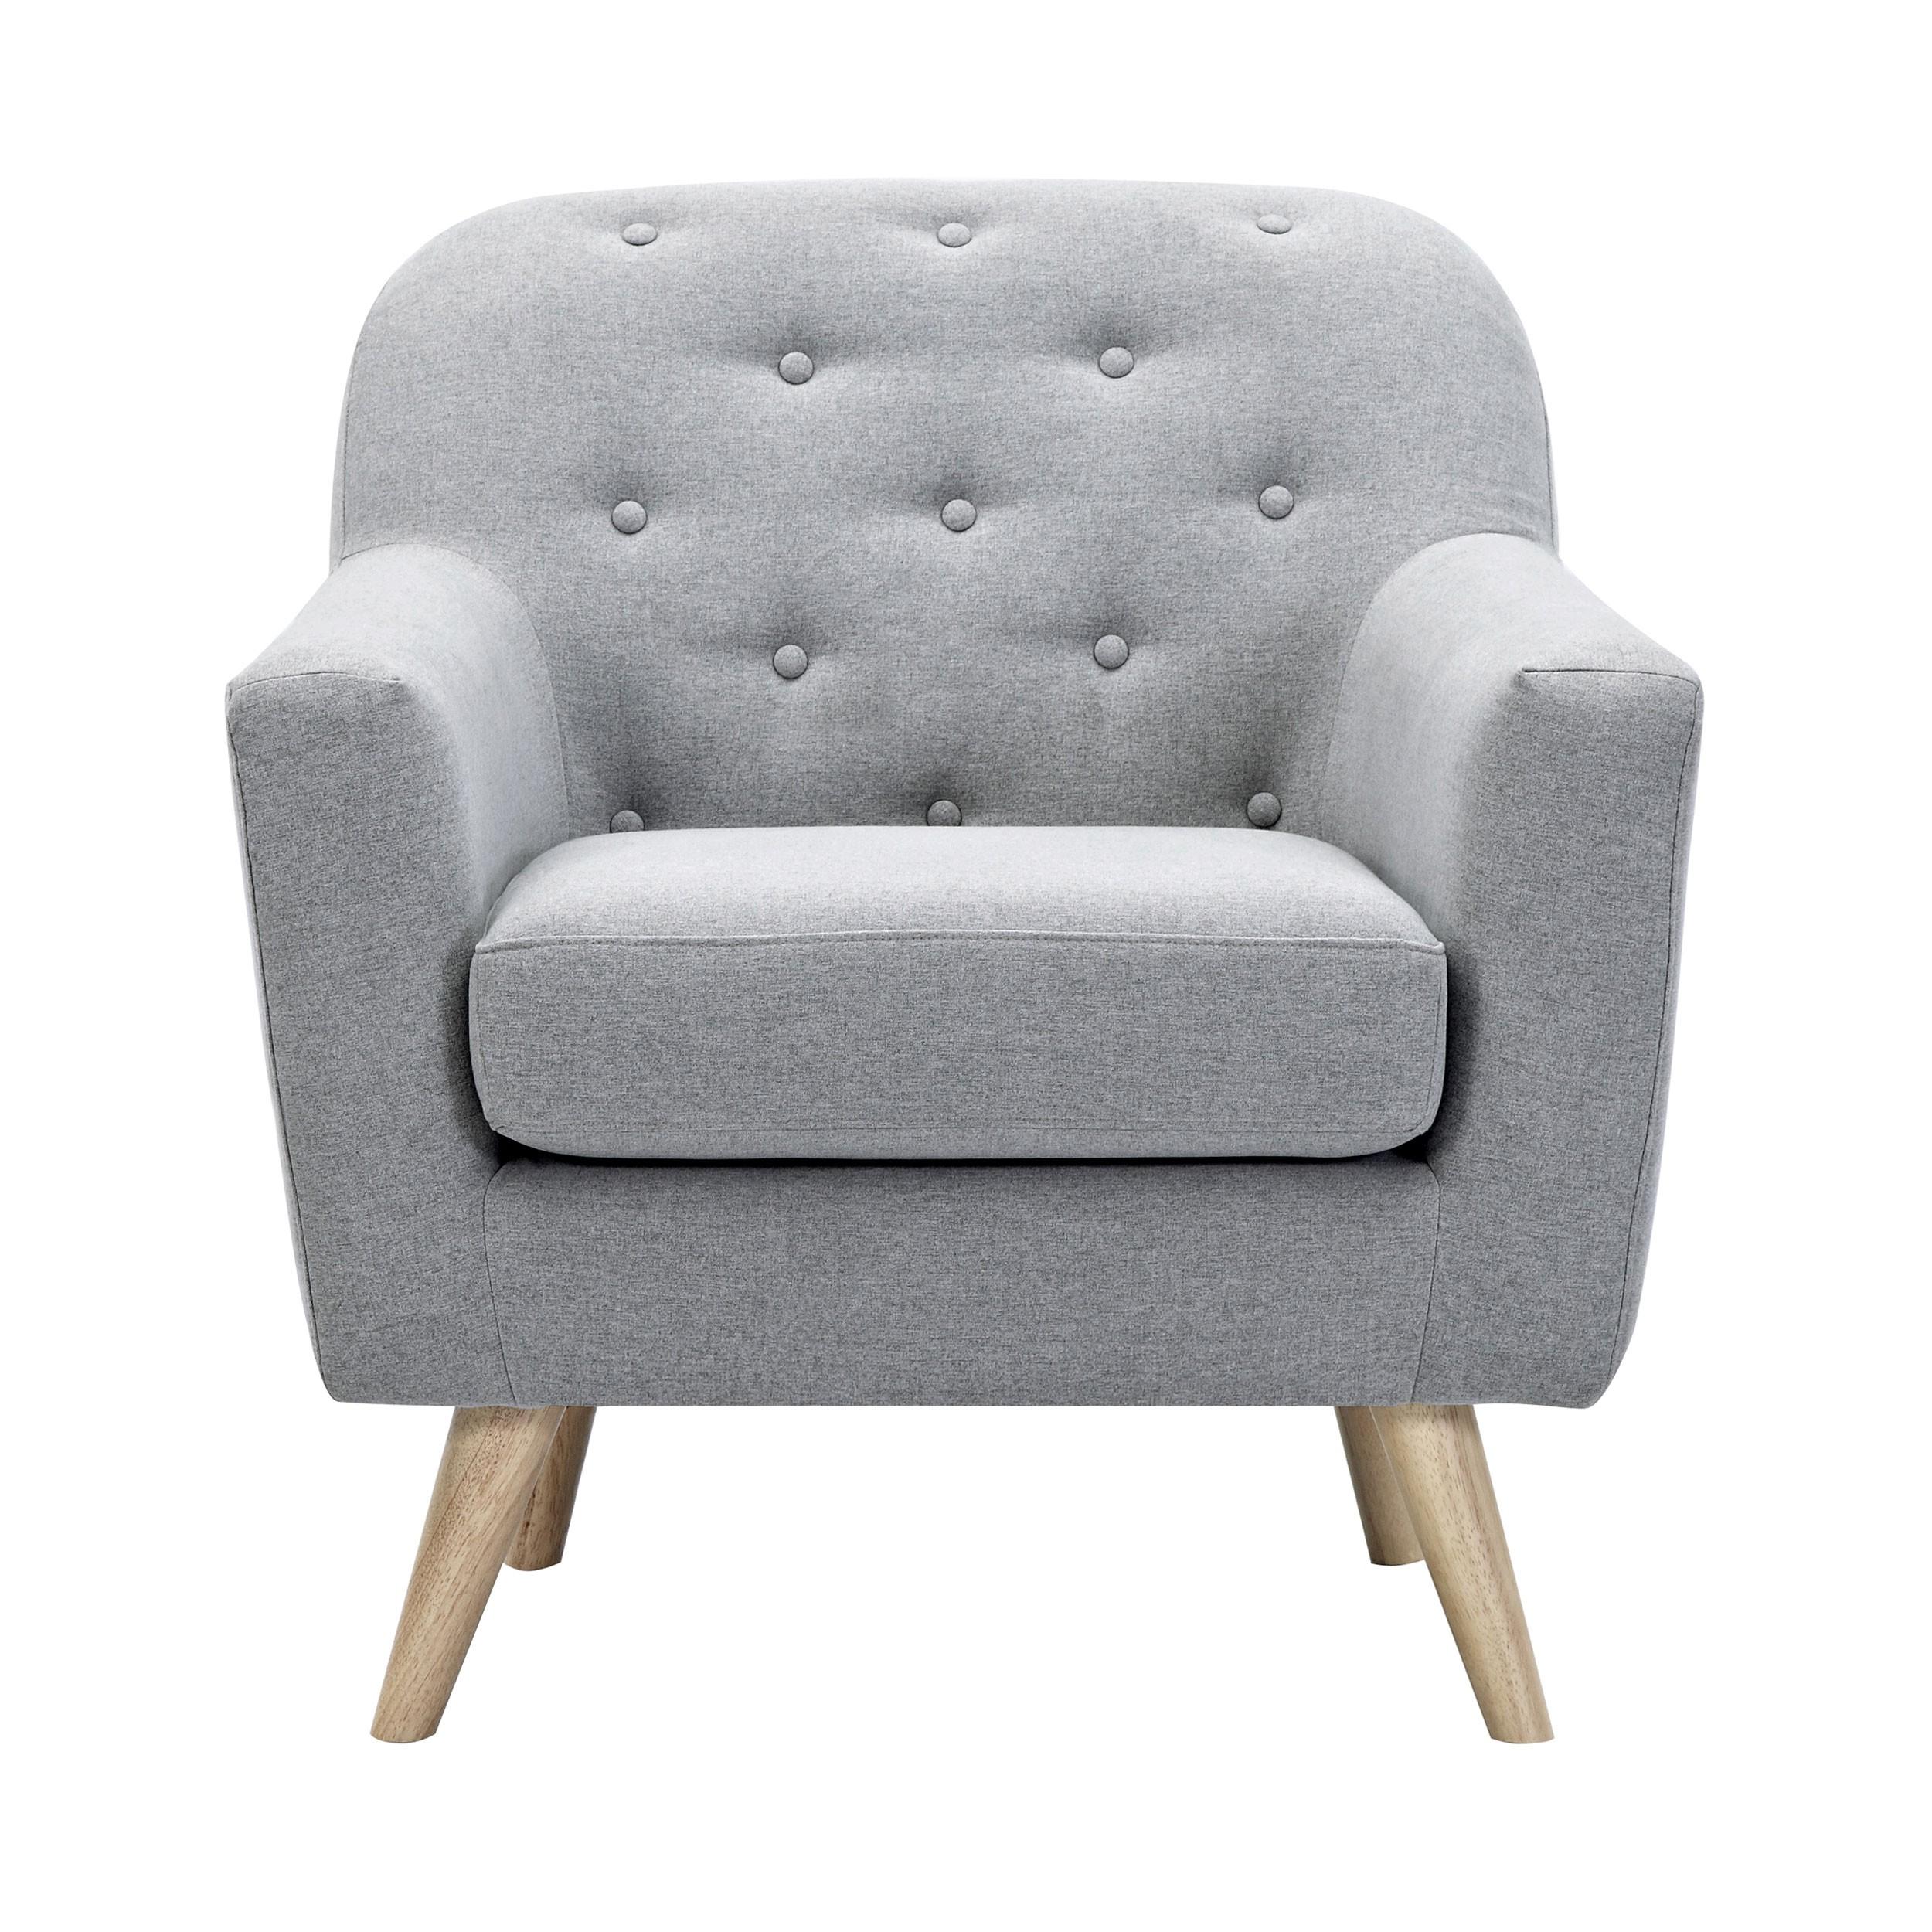 fauteuil le n gris clair d couvrez nos fauteuils le n gris clair design rdv d co. Black Bedroom Furniture Sets. Home Design Ideas